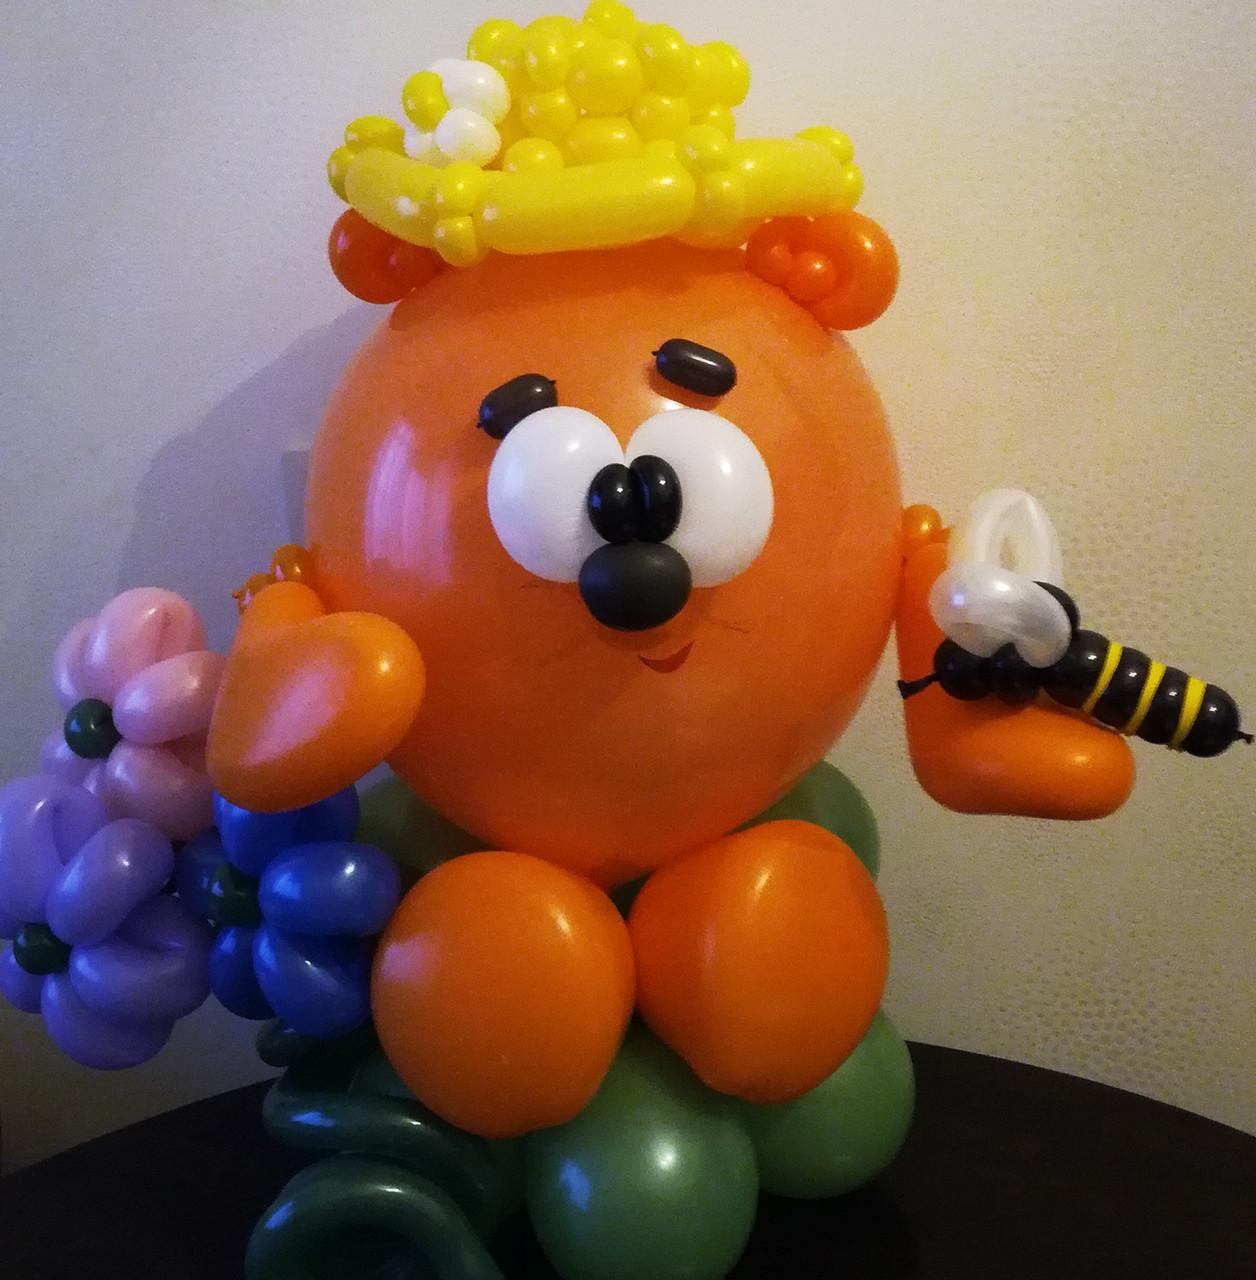 воздушные шары фигуры своими руками фото обезьянка